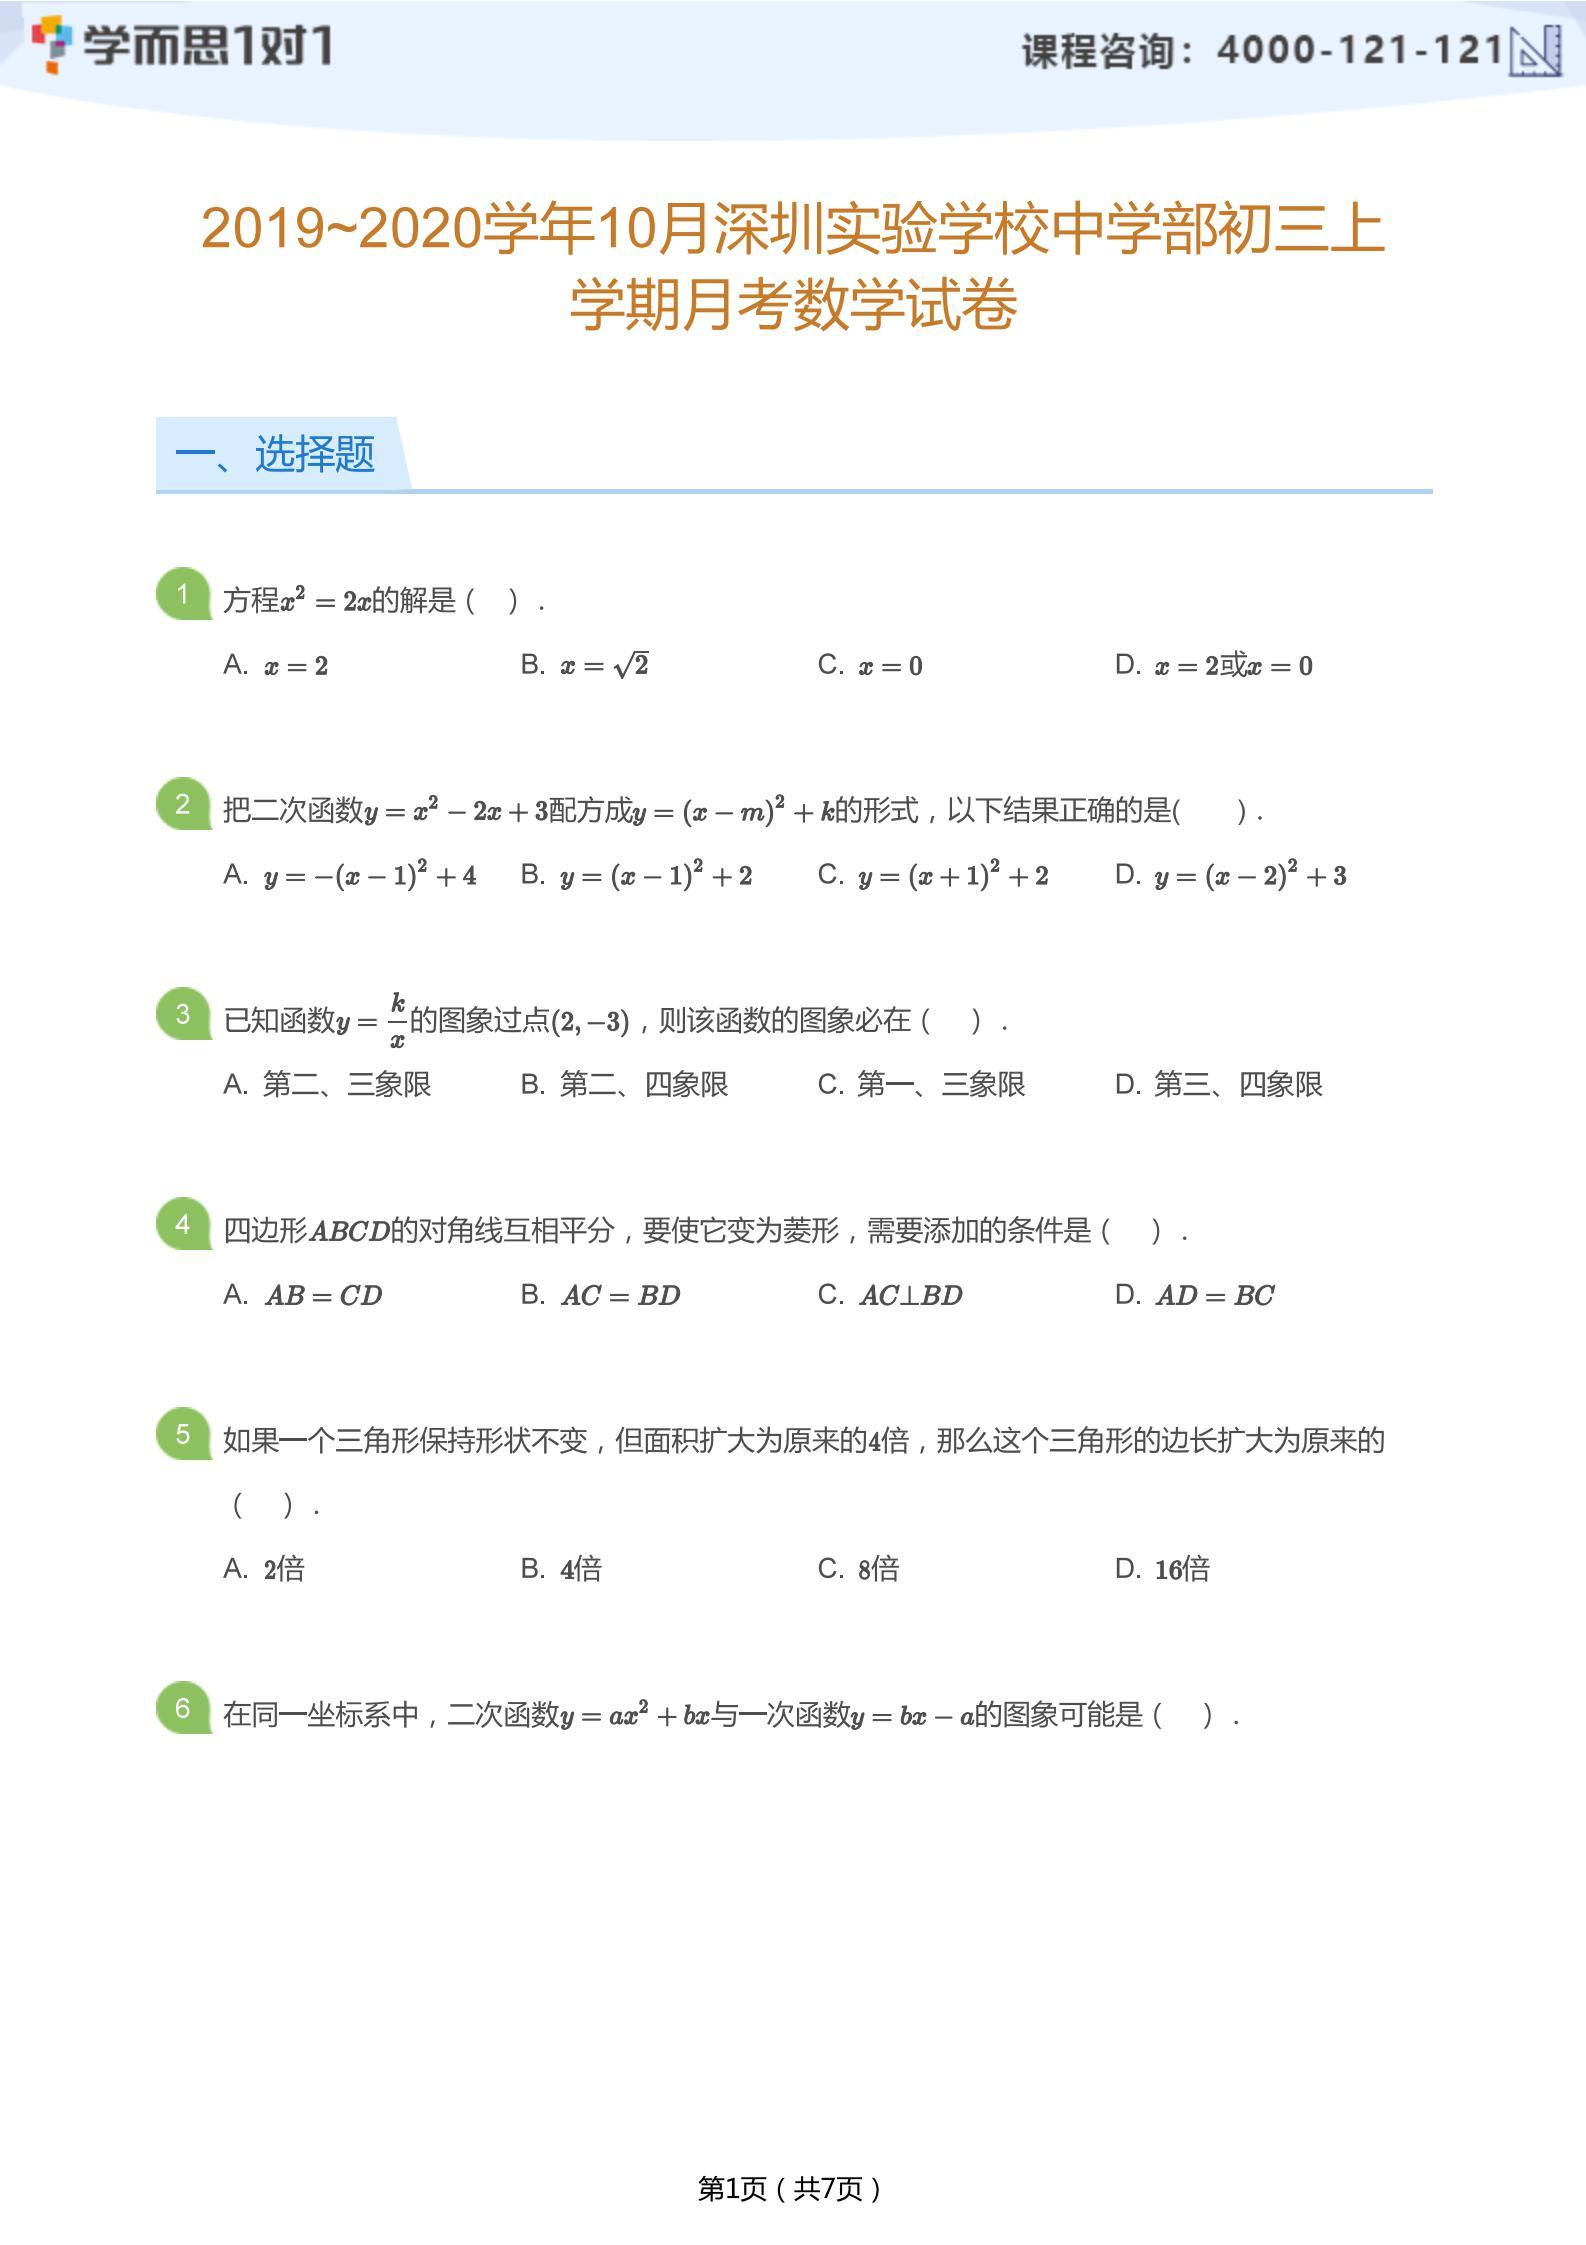 2019-2020学年10月深圳实验学校中学部初三上月考数学试卷及答案